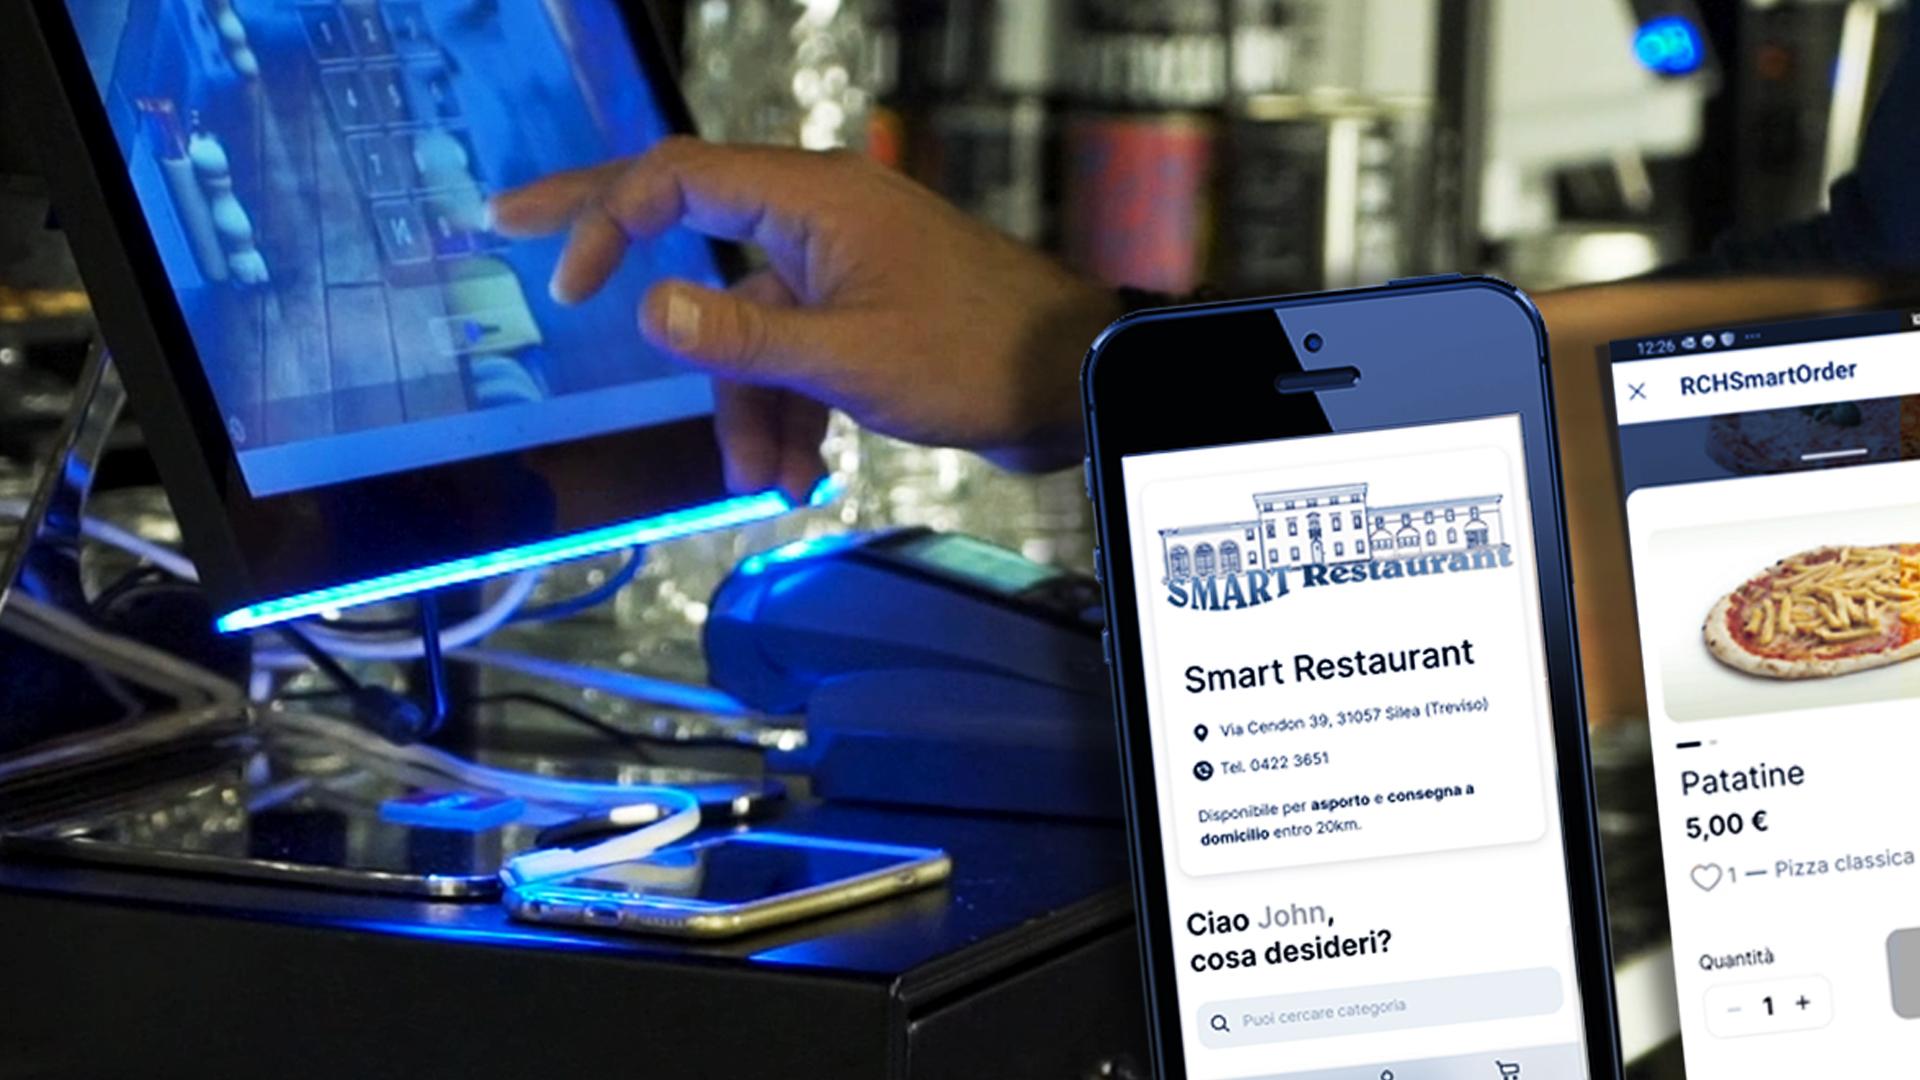 SmartOrder1920x1080WebAppCheAgevolaLocale